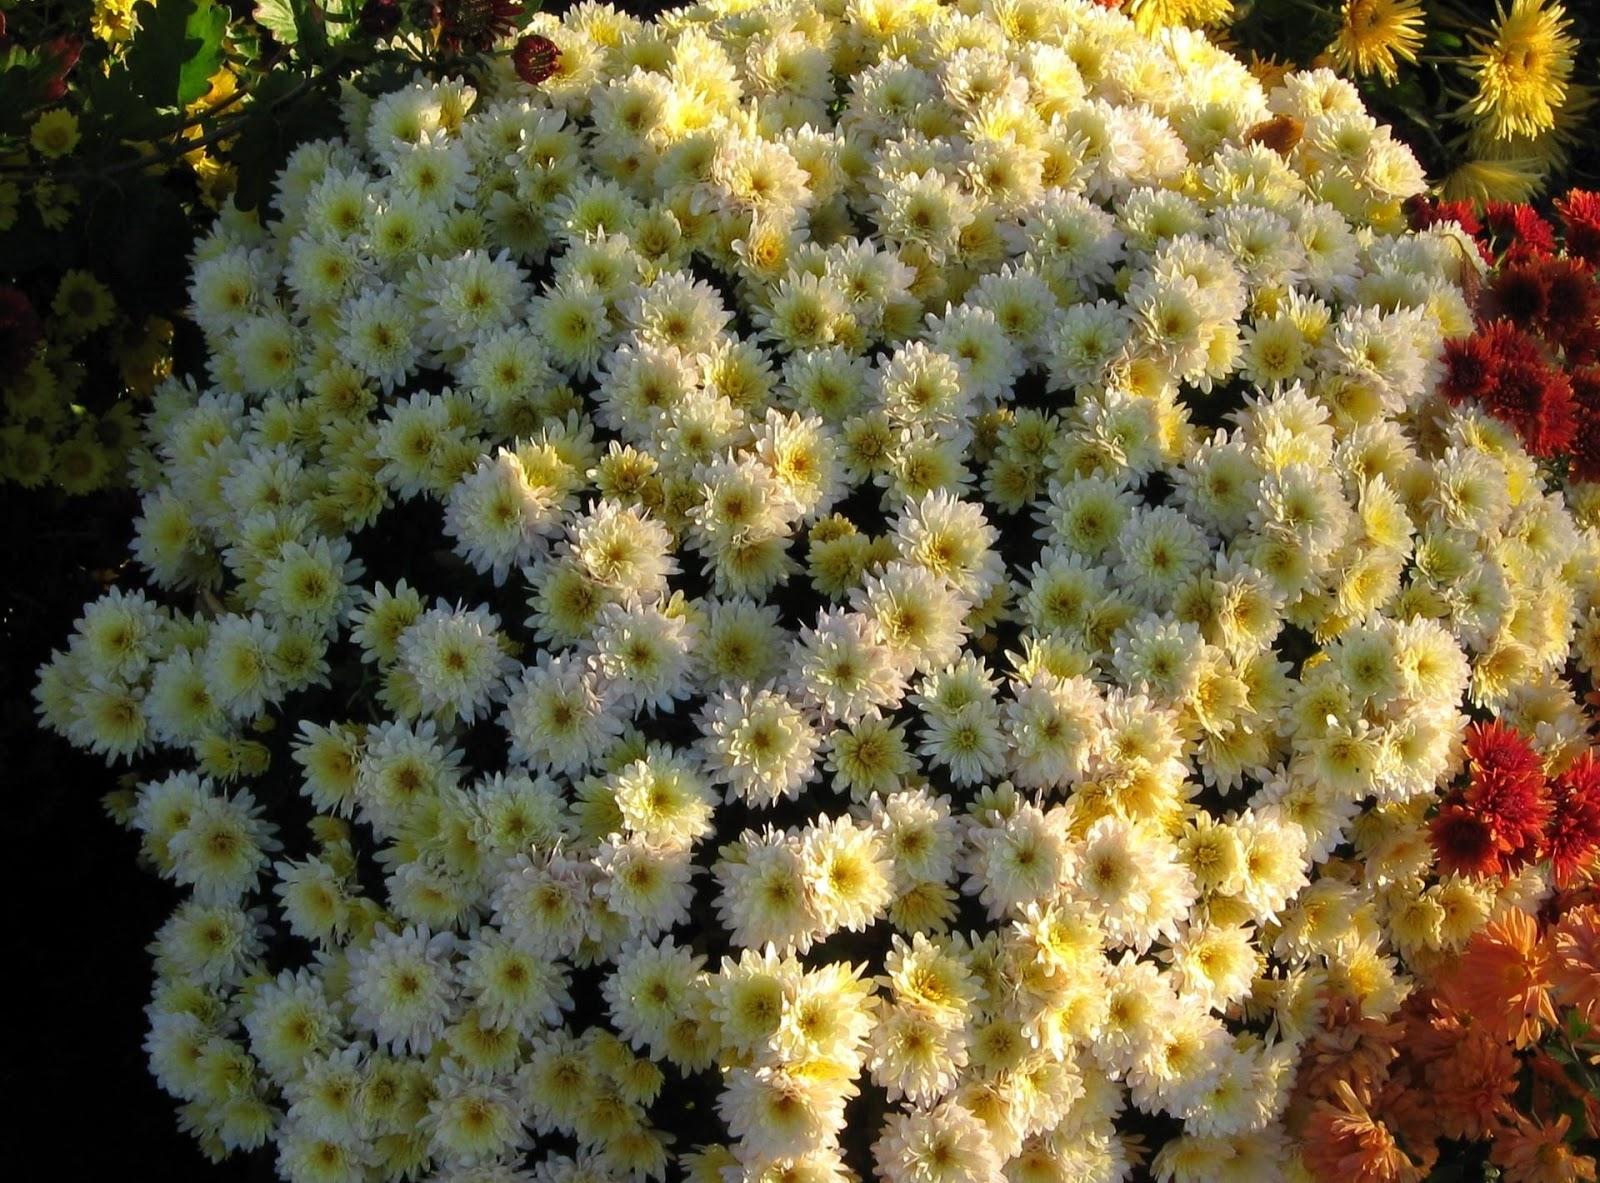 Beautiful Flowers Wallpapers, Flowers Wallpapers, Beautiful Wallpapers, Wallpapers,خلفيات زهور جميلة,خلفيات